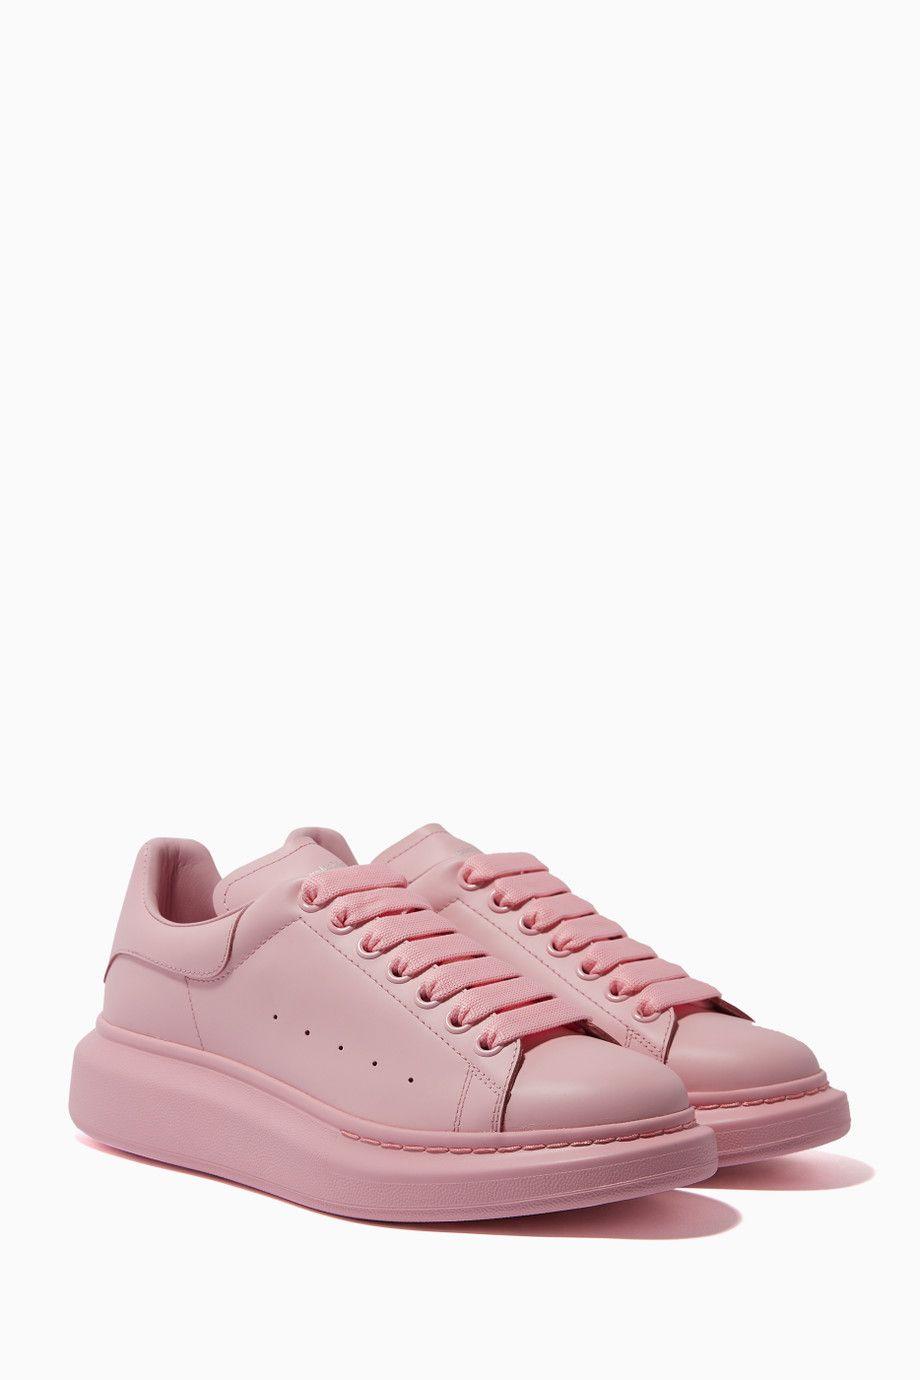 Pin by J.E.I. on Women's Bag & Shoe Guide | Girls sneakers